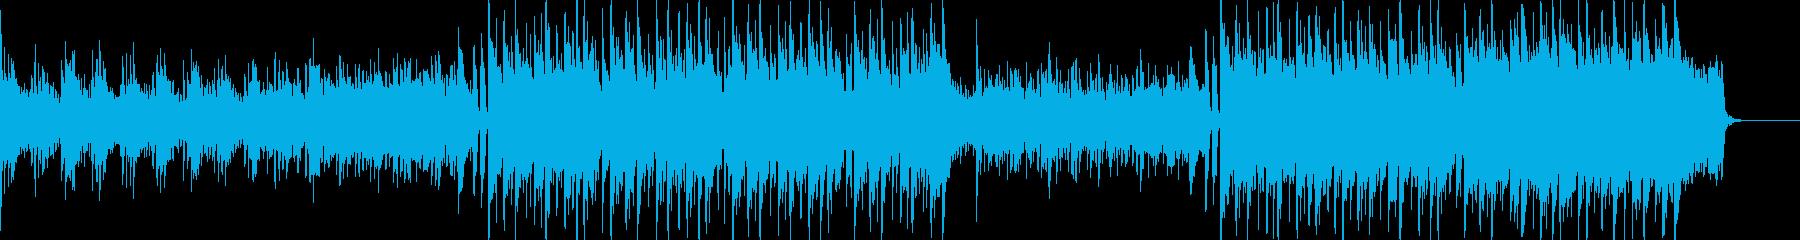 癒し系の穏やかな曲です。の再生済みの波形